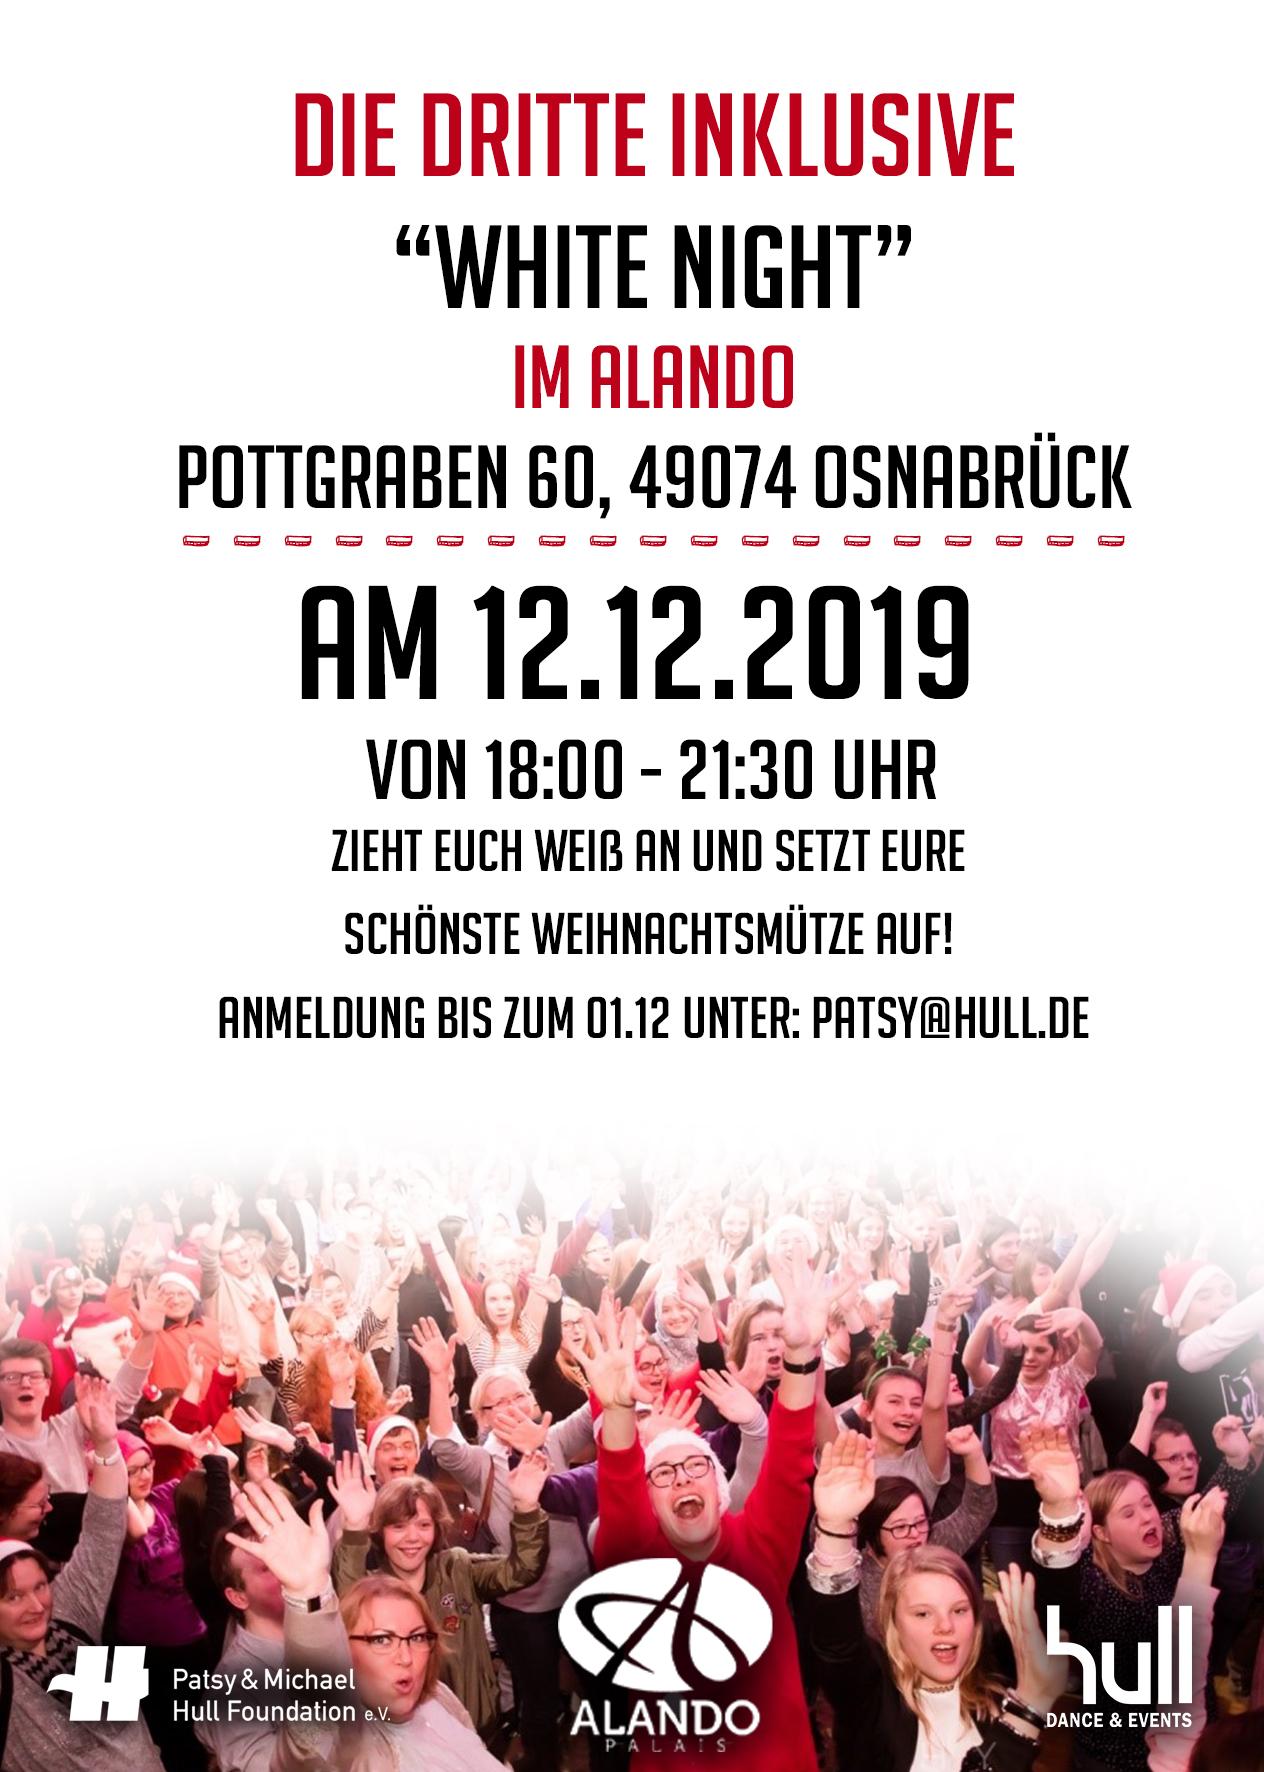 """Unsere Weihnachtsfeier im Alando – Die dritte inklusive """"White Night"""""""